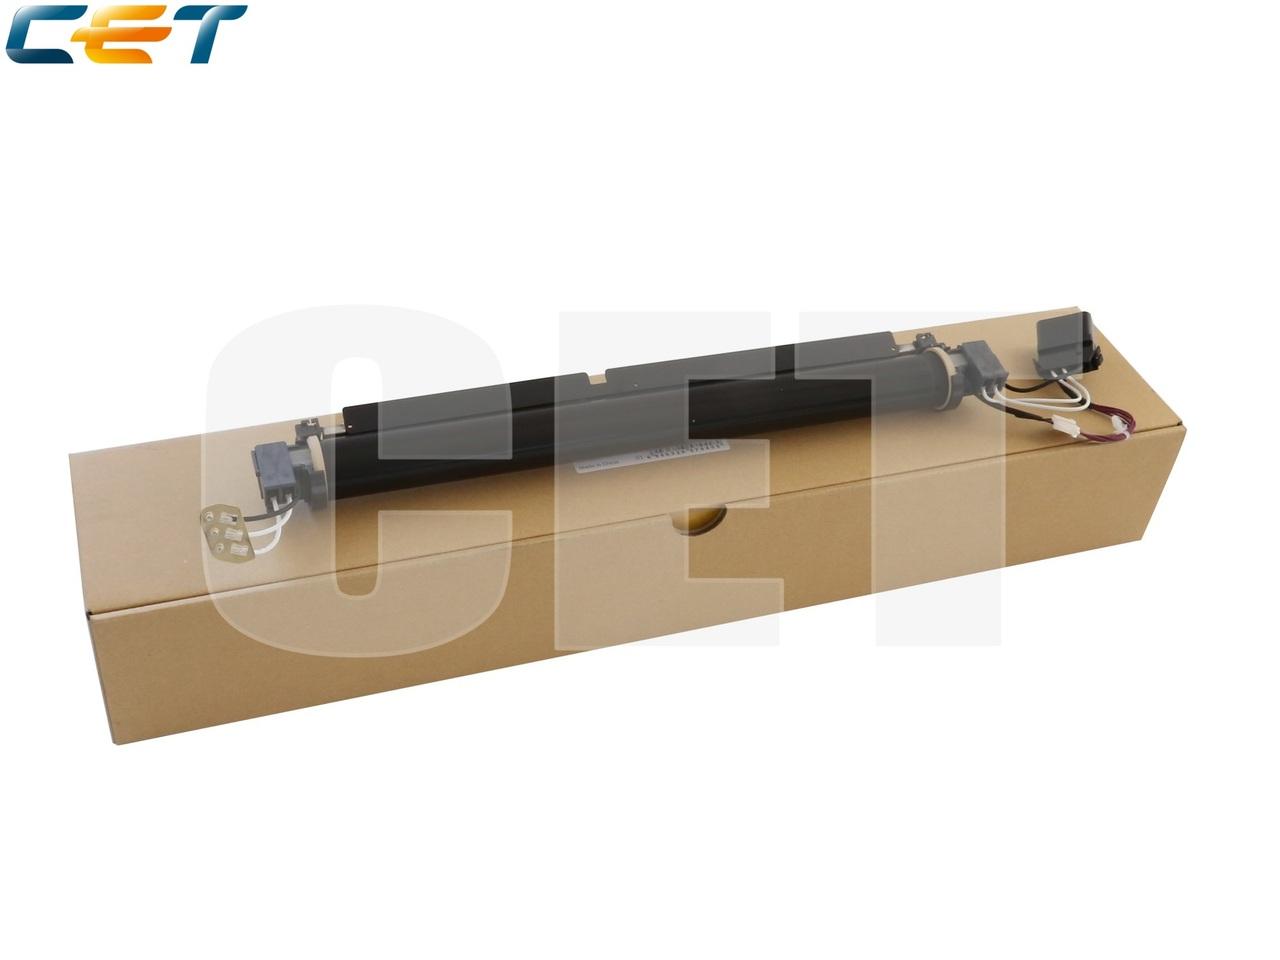 Нагревательный элемент в сборе с термопленкойFM1-J039-000 для CANON iR ADVANCE 4525i/4535i/4545i(CET), CET7469